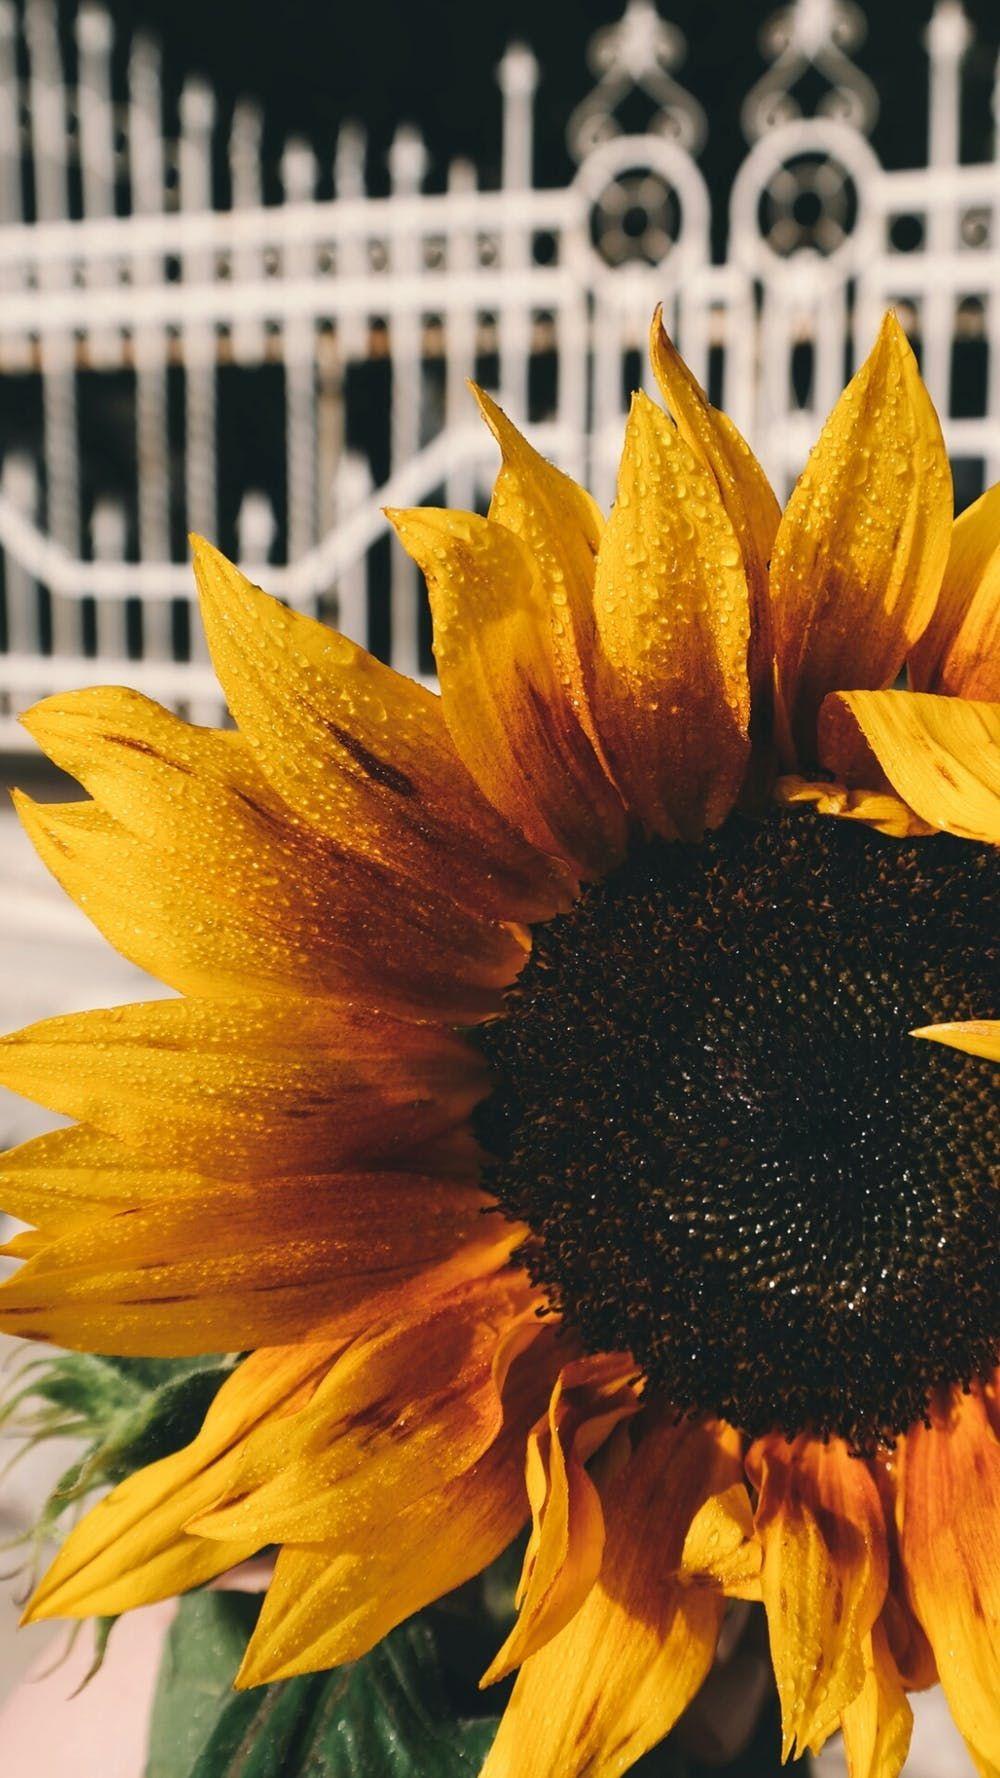 Matheney Platform Bed In 2020 Sunflower Wallpaper Sunflower Images Sunflower Iphone Wallpaper